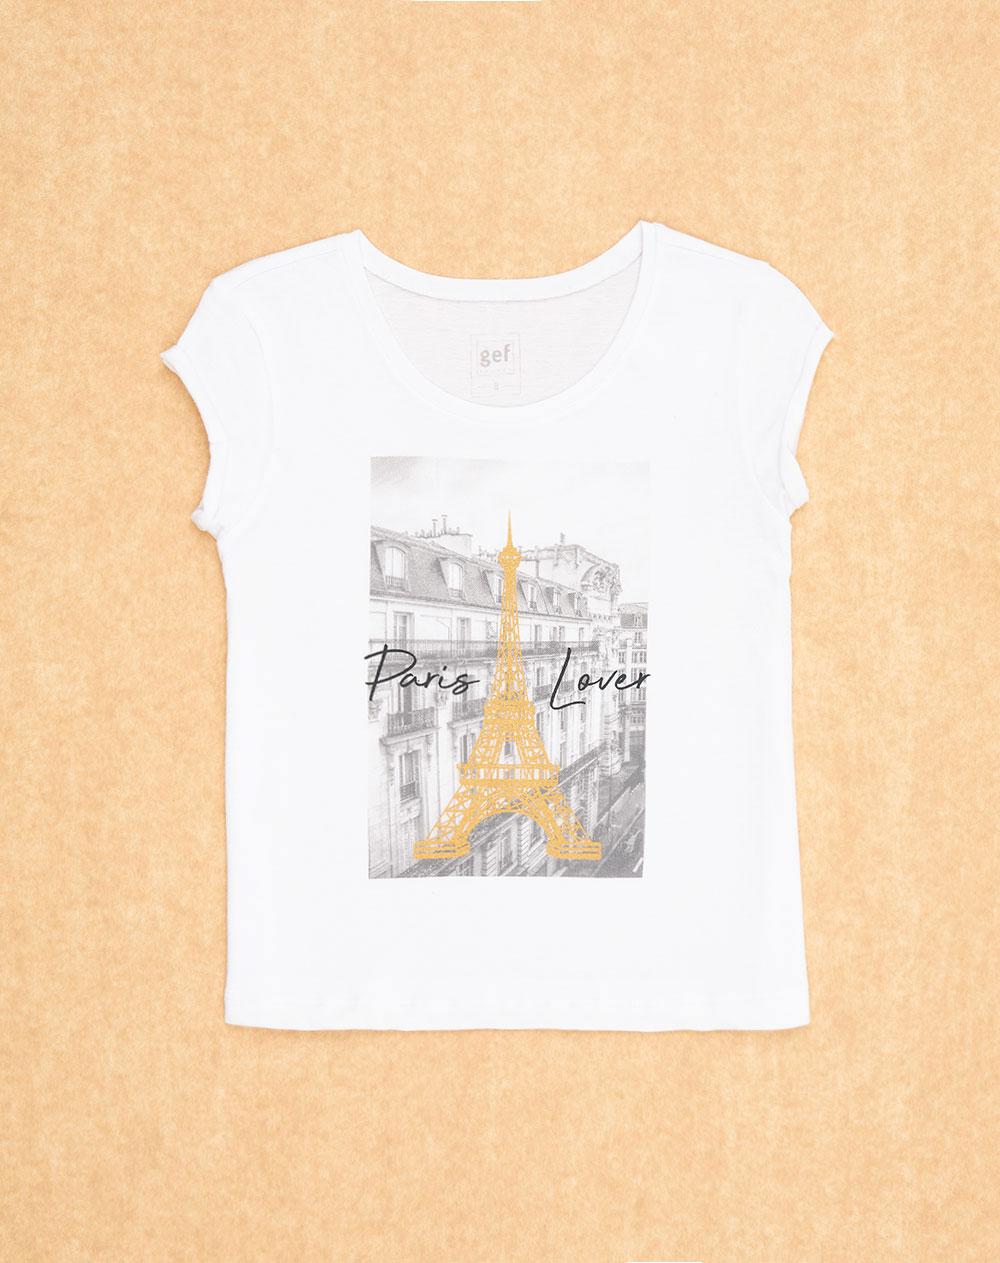 d7de26b46 Imagen para Camiseta para Niña City Fem Kd Blanca de Gef